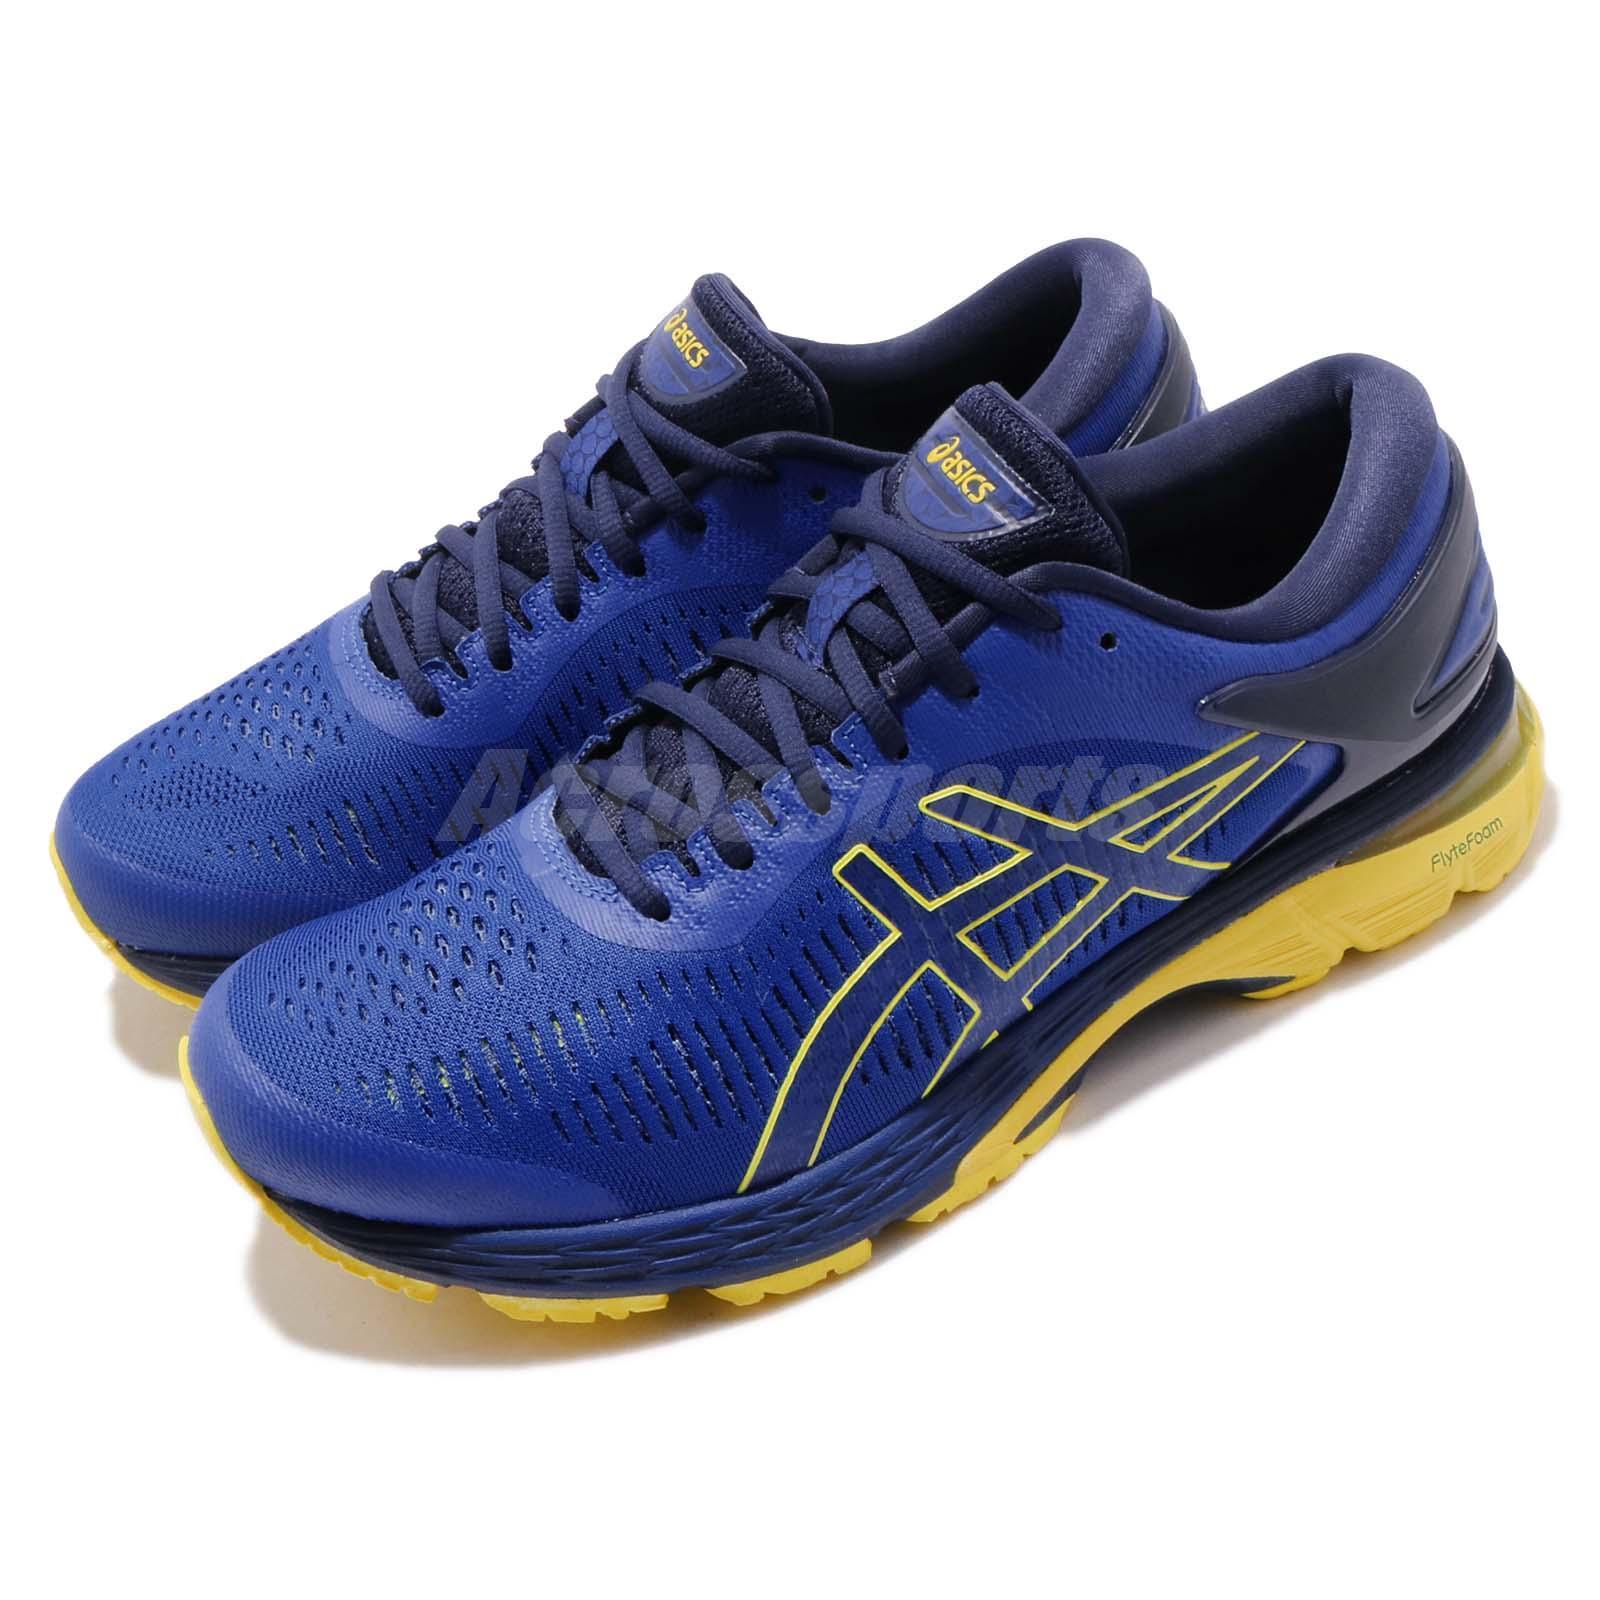 última colección la compra auténtico disfruta del precio inferior Asics Gel Kayano 25 Blue Lemon Spark Men Running Shoes Sneakers ...